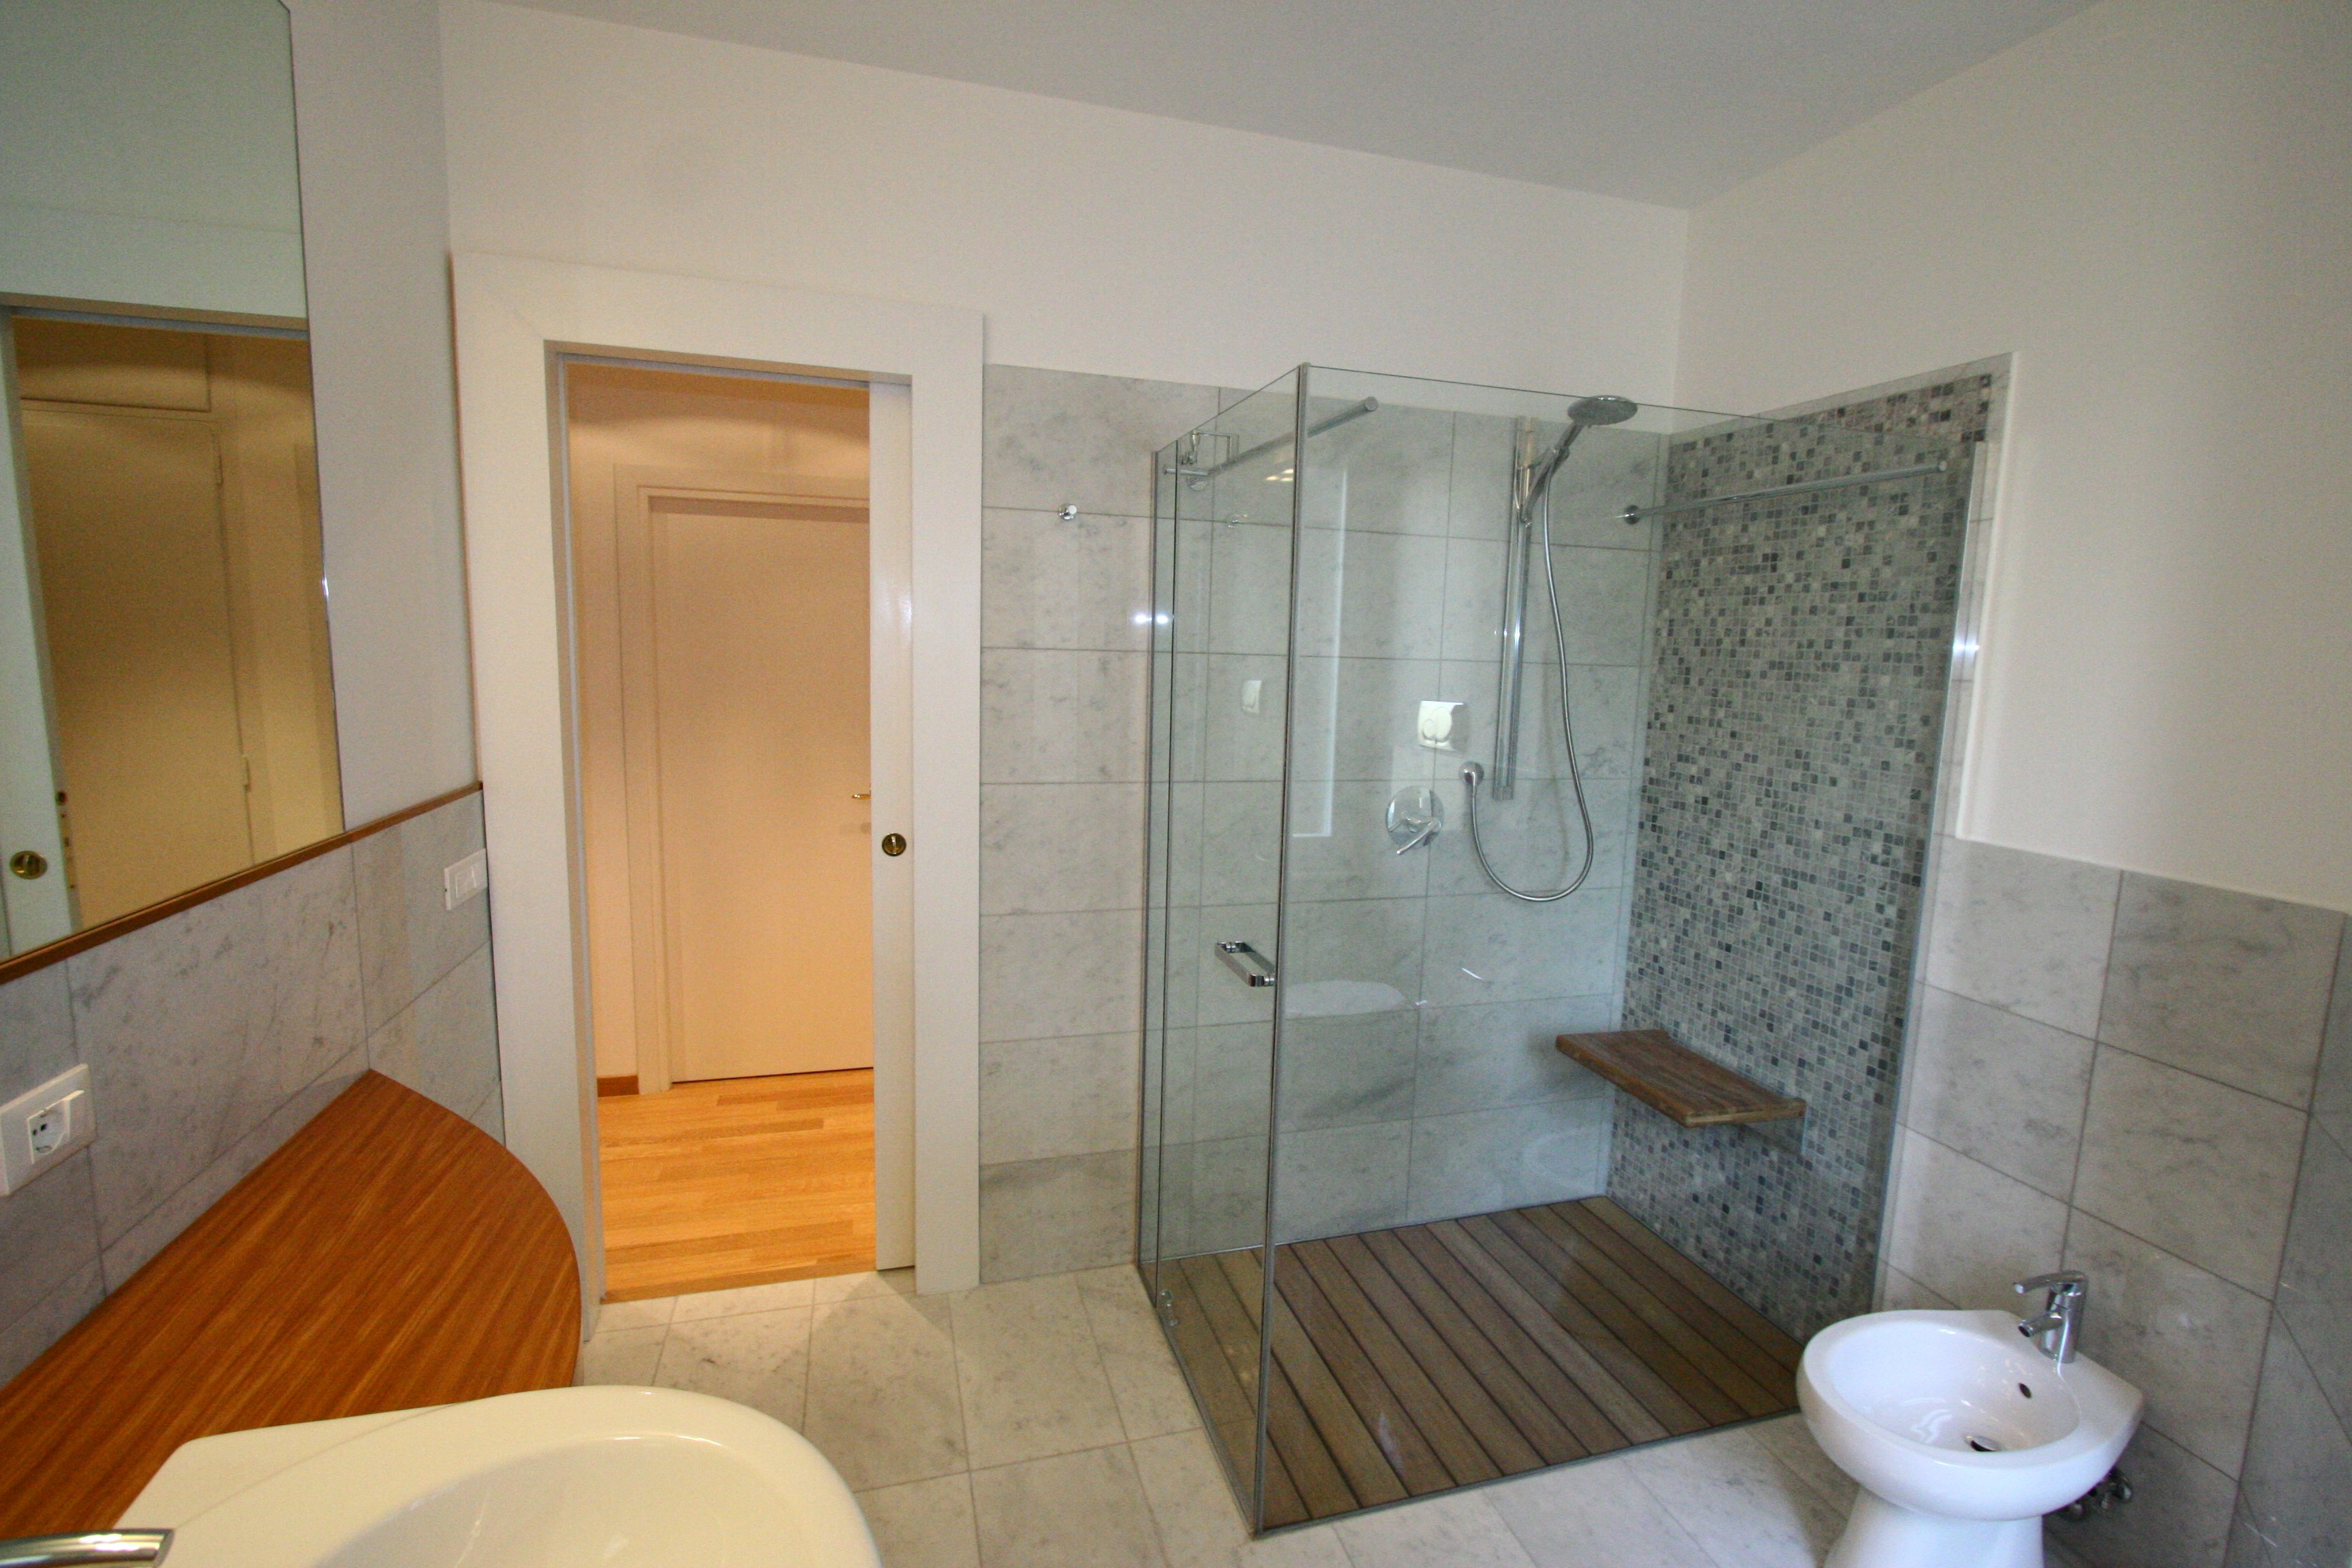 Image bagno grande foto 3 vista piatto doccia a filo pavimento - Piatto doccia piastrelle ...